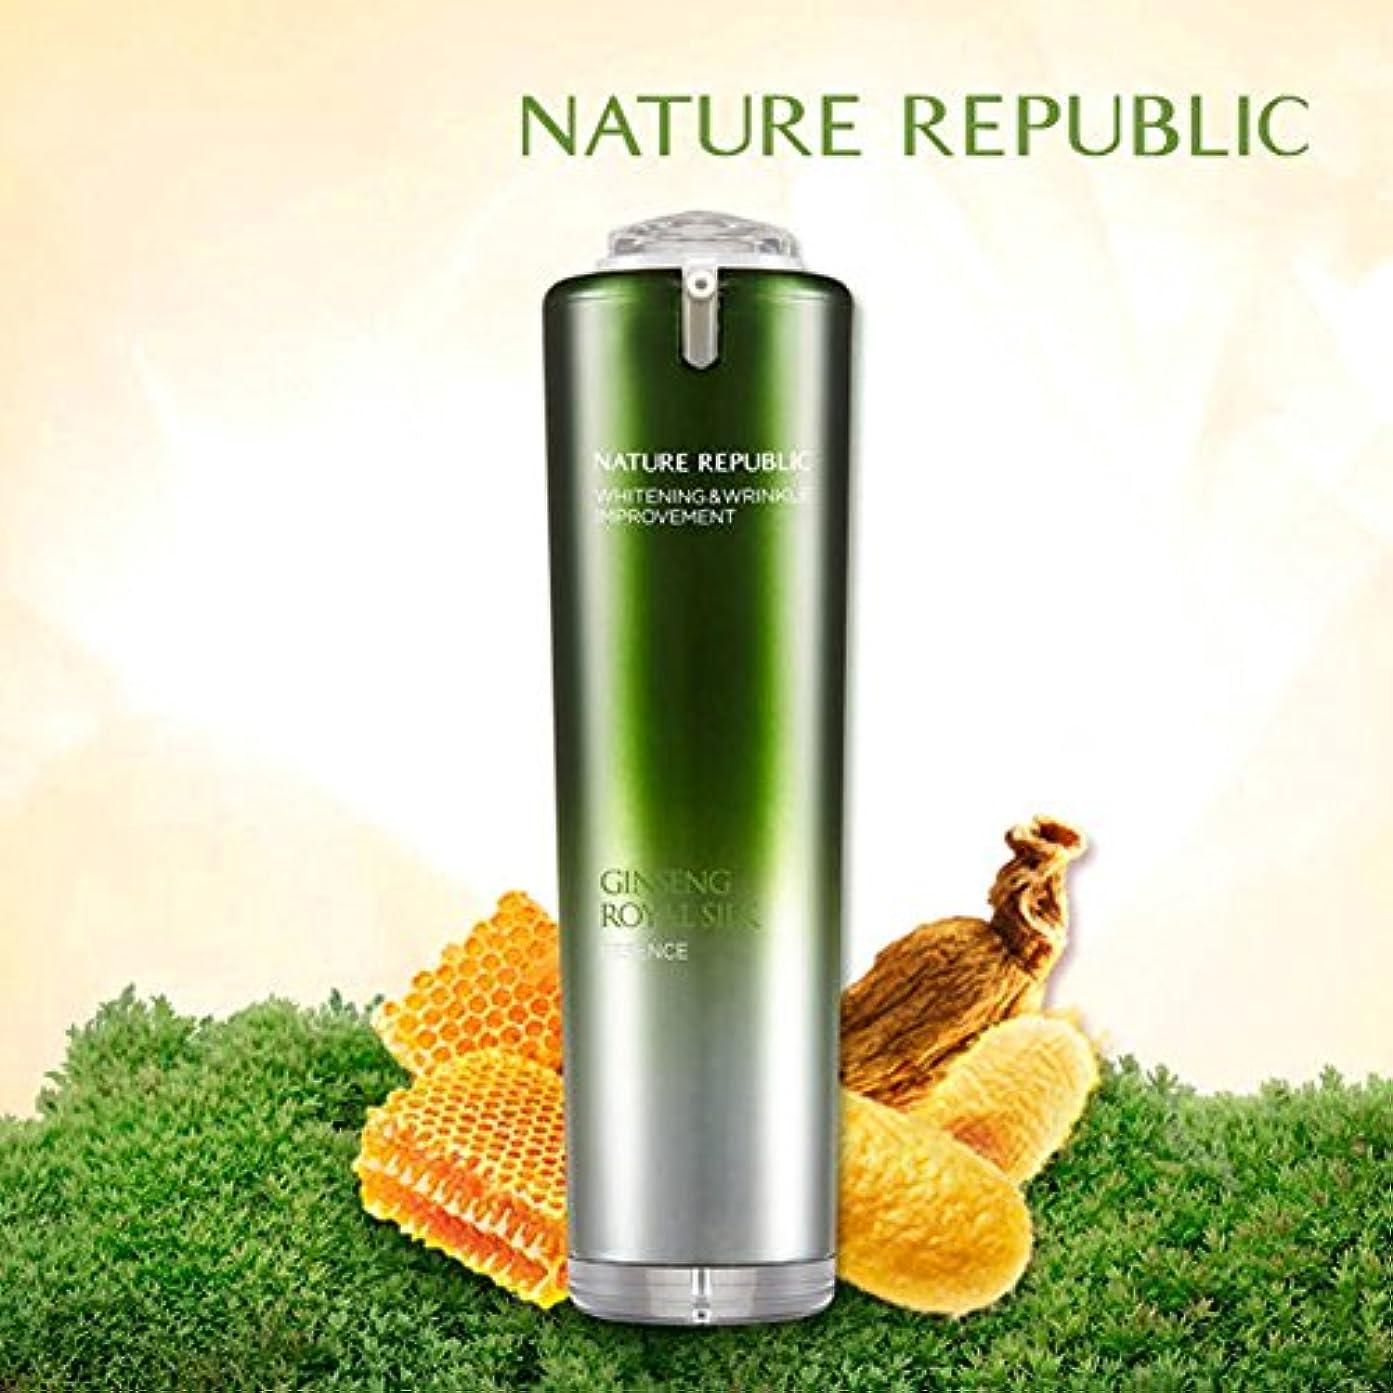 達成するピクニックをする脅迫NATURE REPUBLIC/人参ロイヤルシルクウォーターリーエッセンスNature Republic、Ginseng Royal silk Watery Essence 40ml(海外直送品)